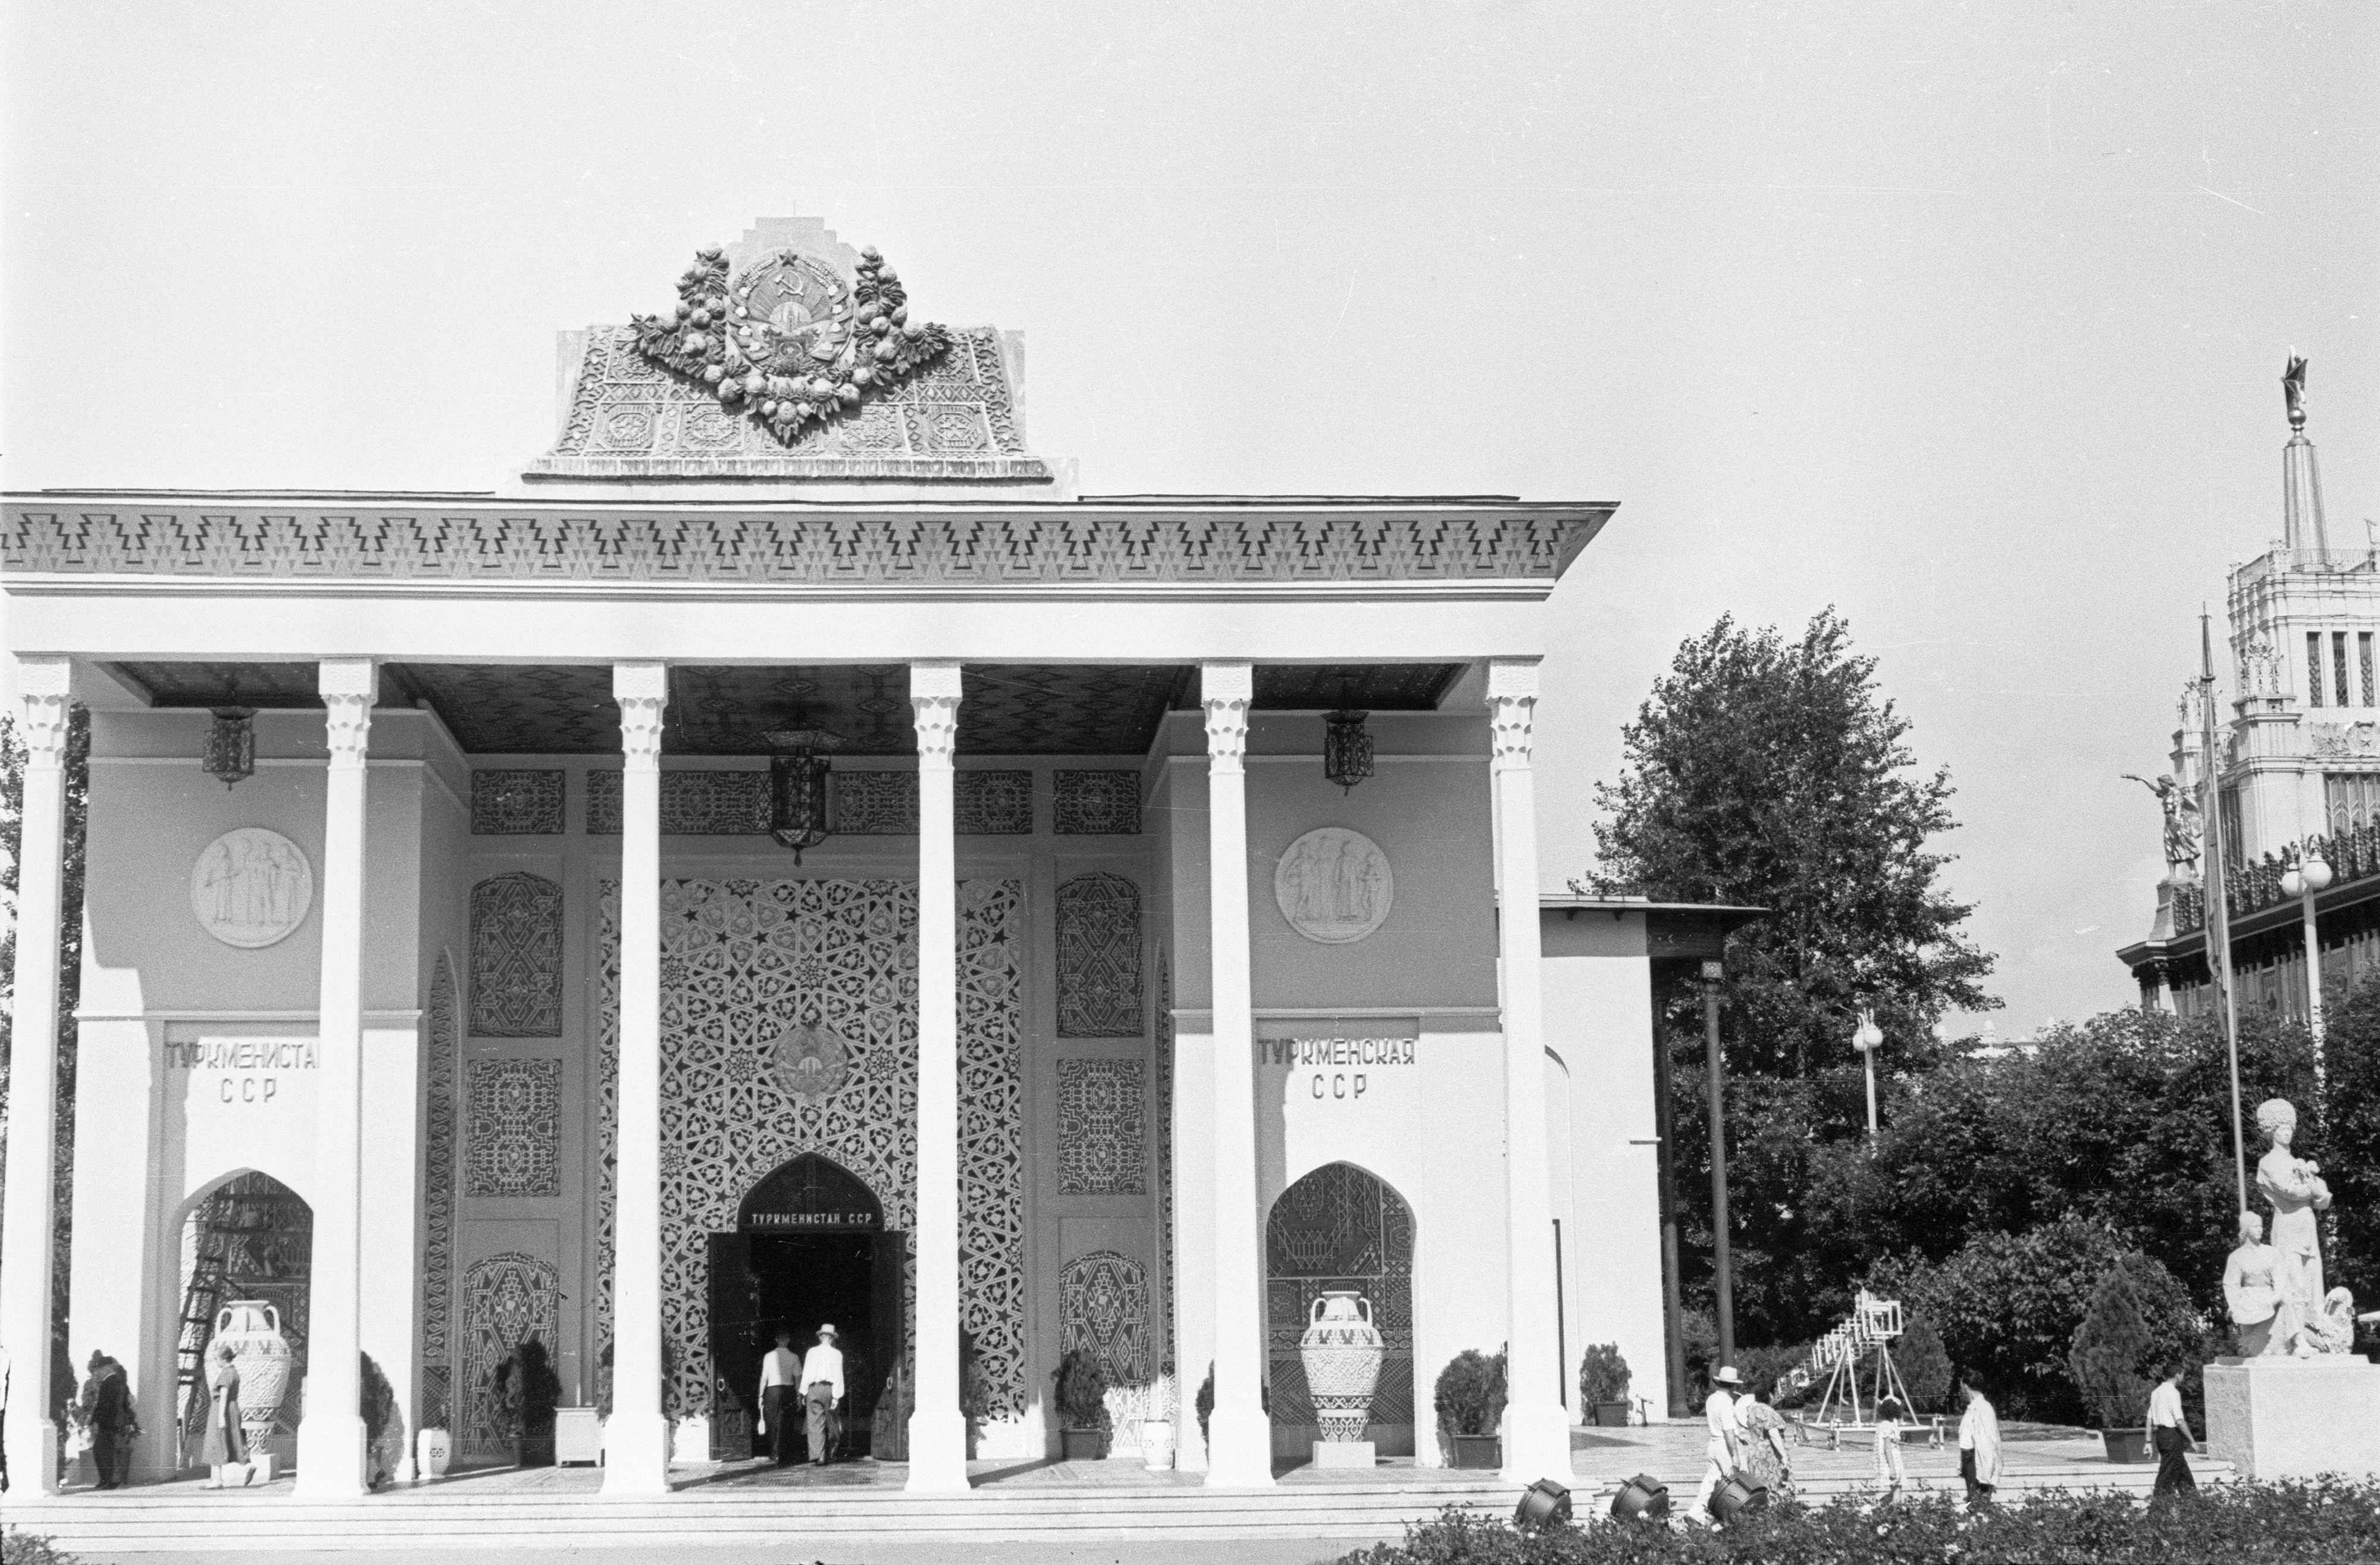 Павильон «Туркменская ССР»